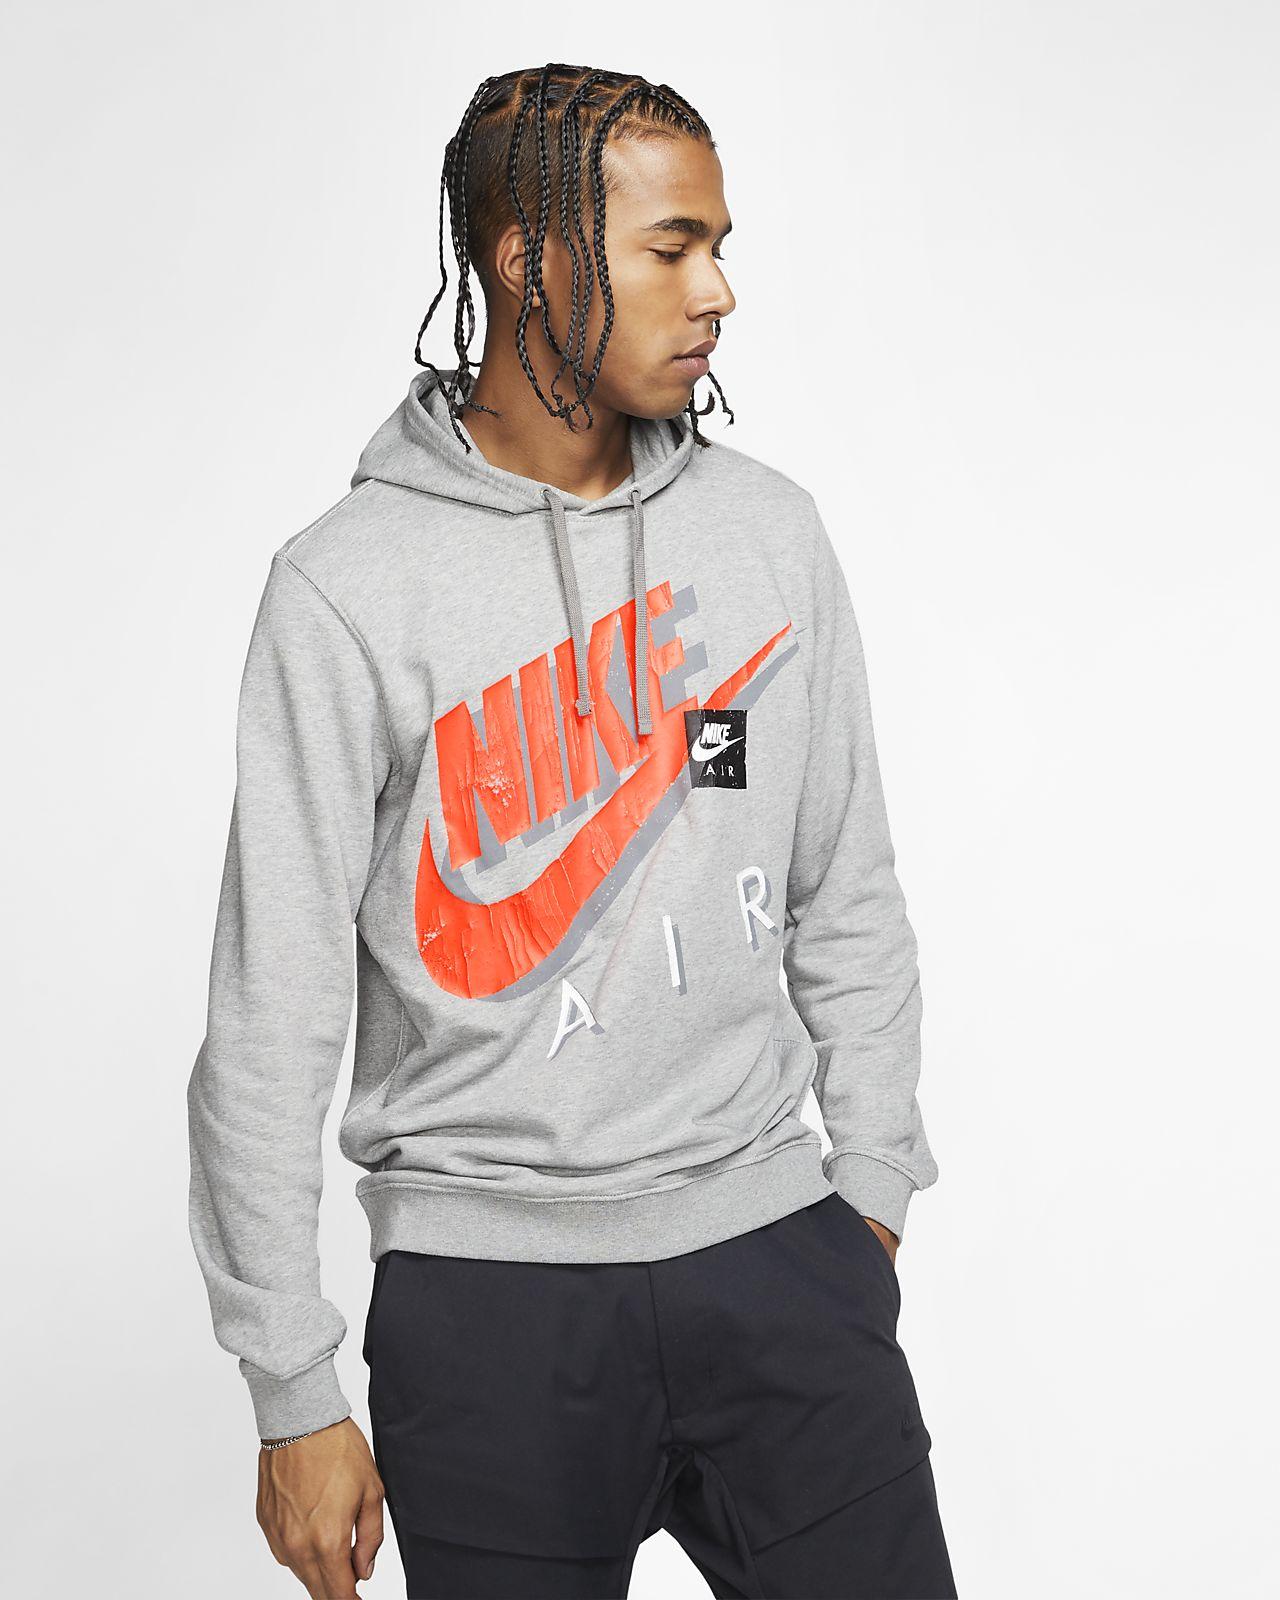 993897574a Nike Sportswear Men's Pullover Hoodie